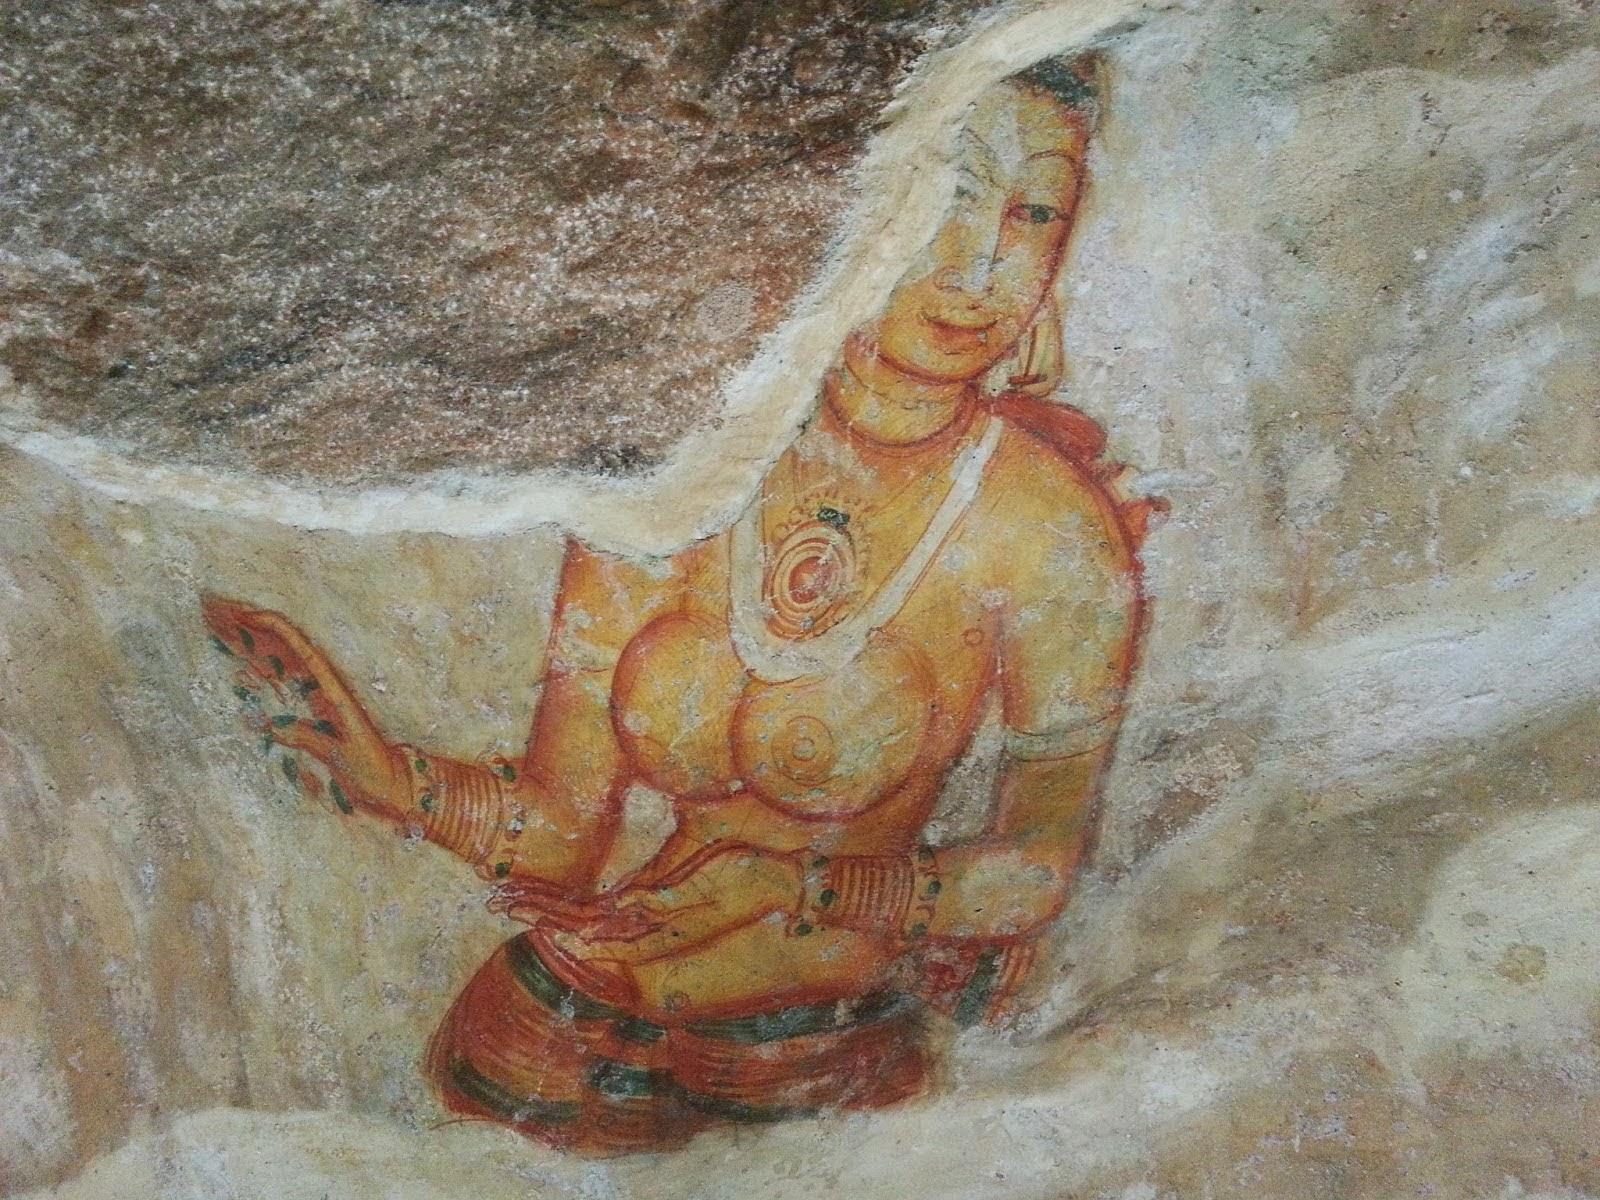 Фрагмент древней фрески Сигирии, красивая девушка топлесс, совершенное тело, лицо, таинственная леди